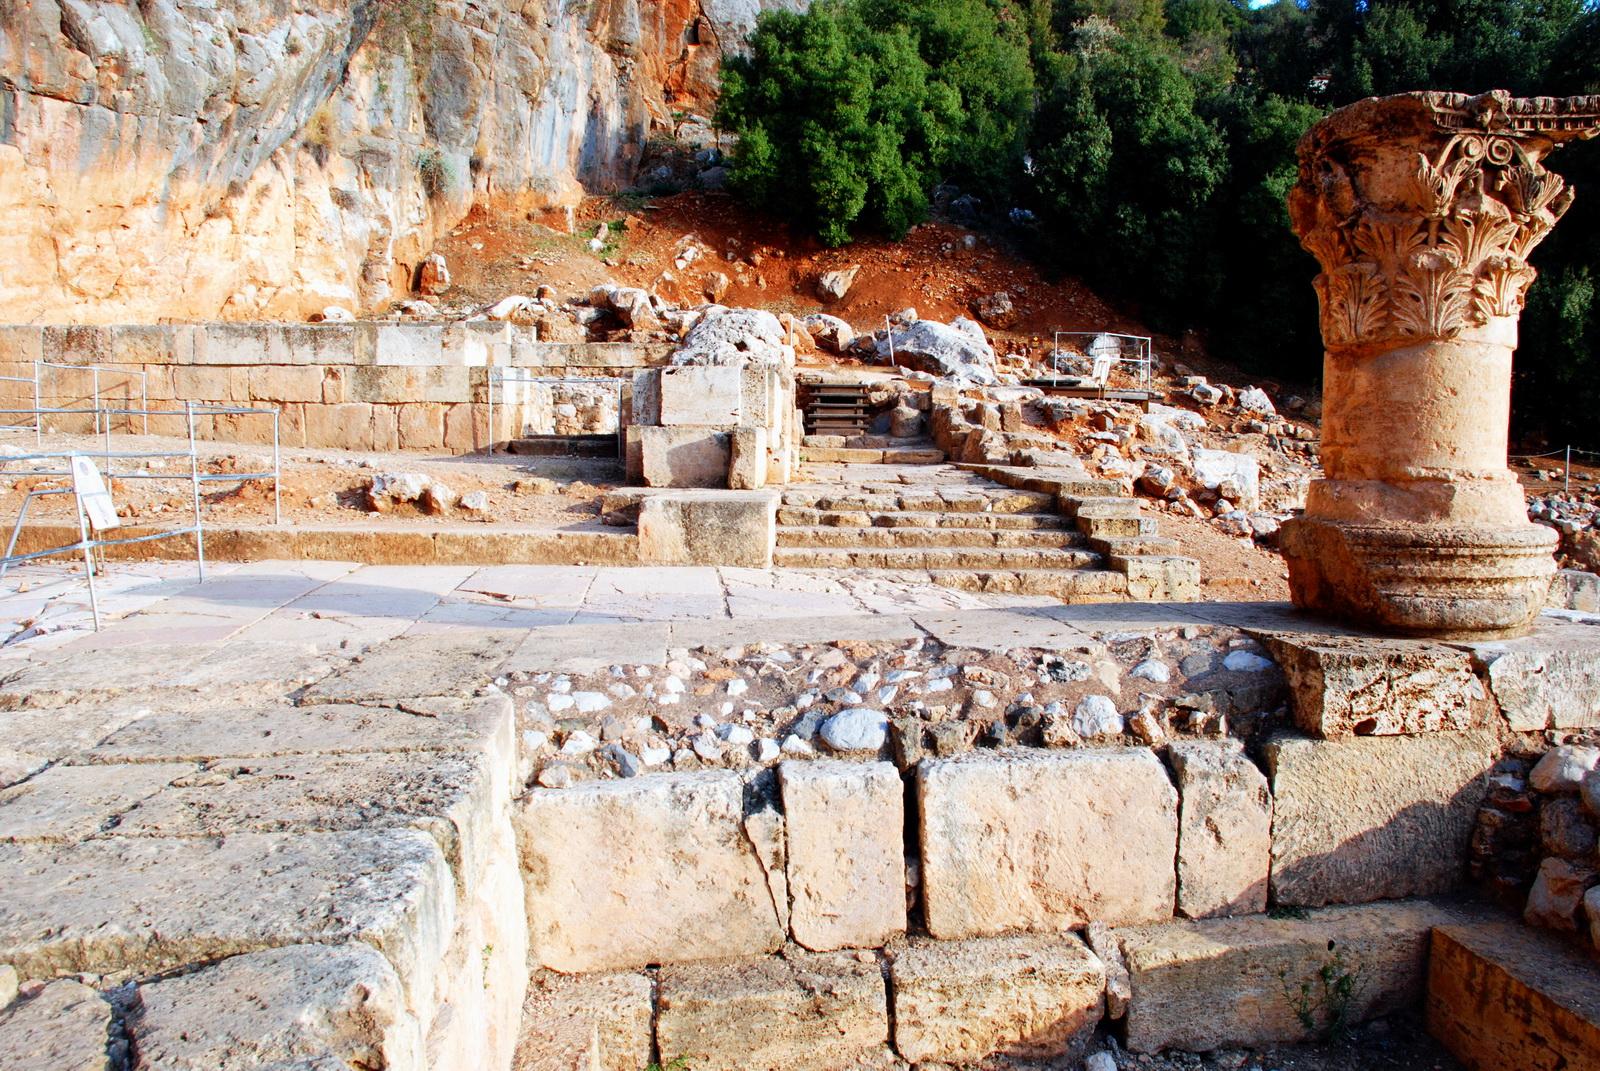 בניאס - אתר המקדשים לרגלי הצוק